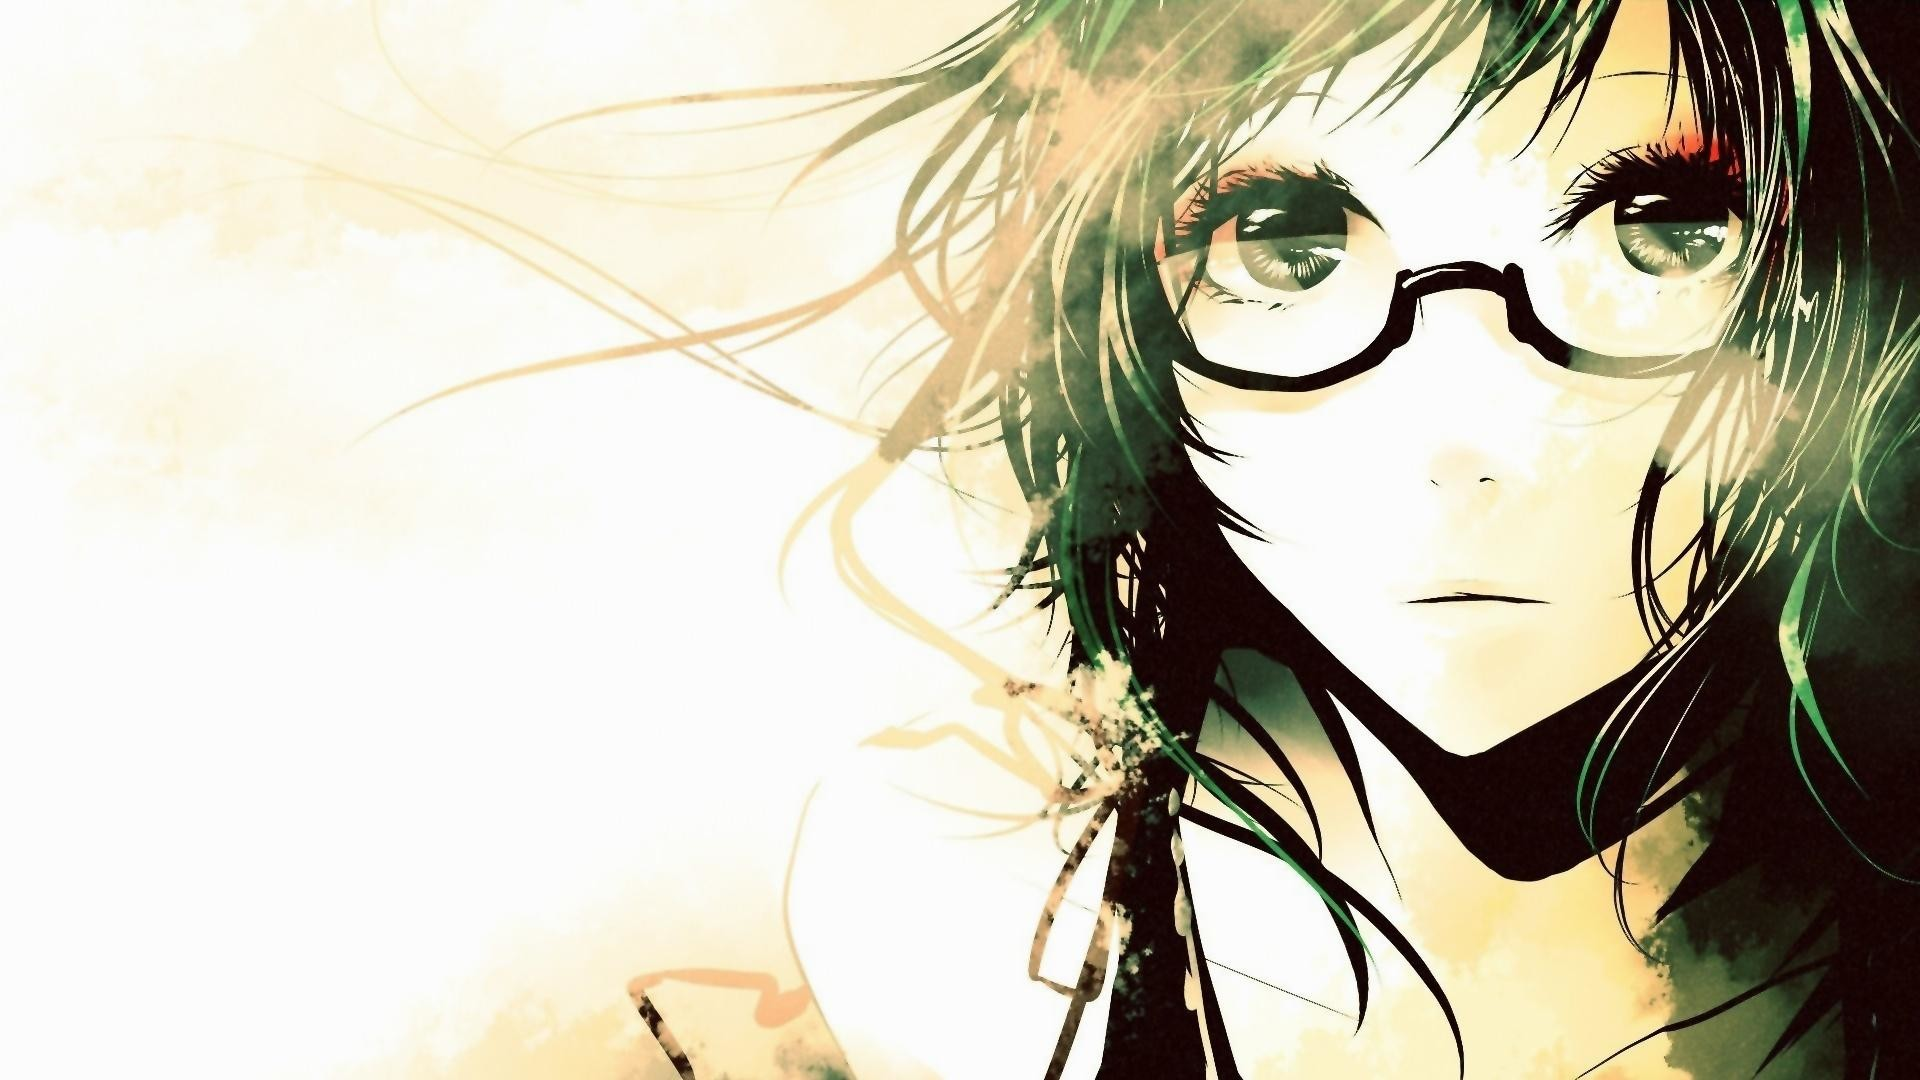 wallpaper.wiki-HD-1080p-Anime-Wallpaper-PIC-WPD0014827